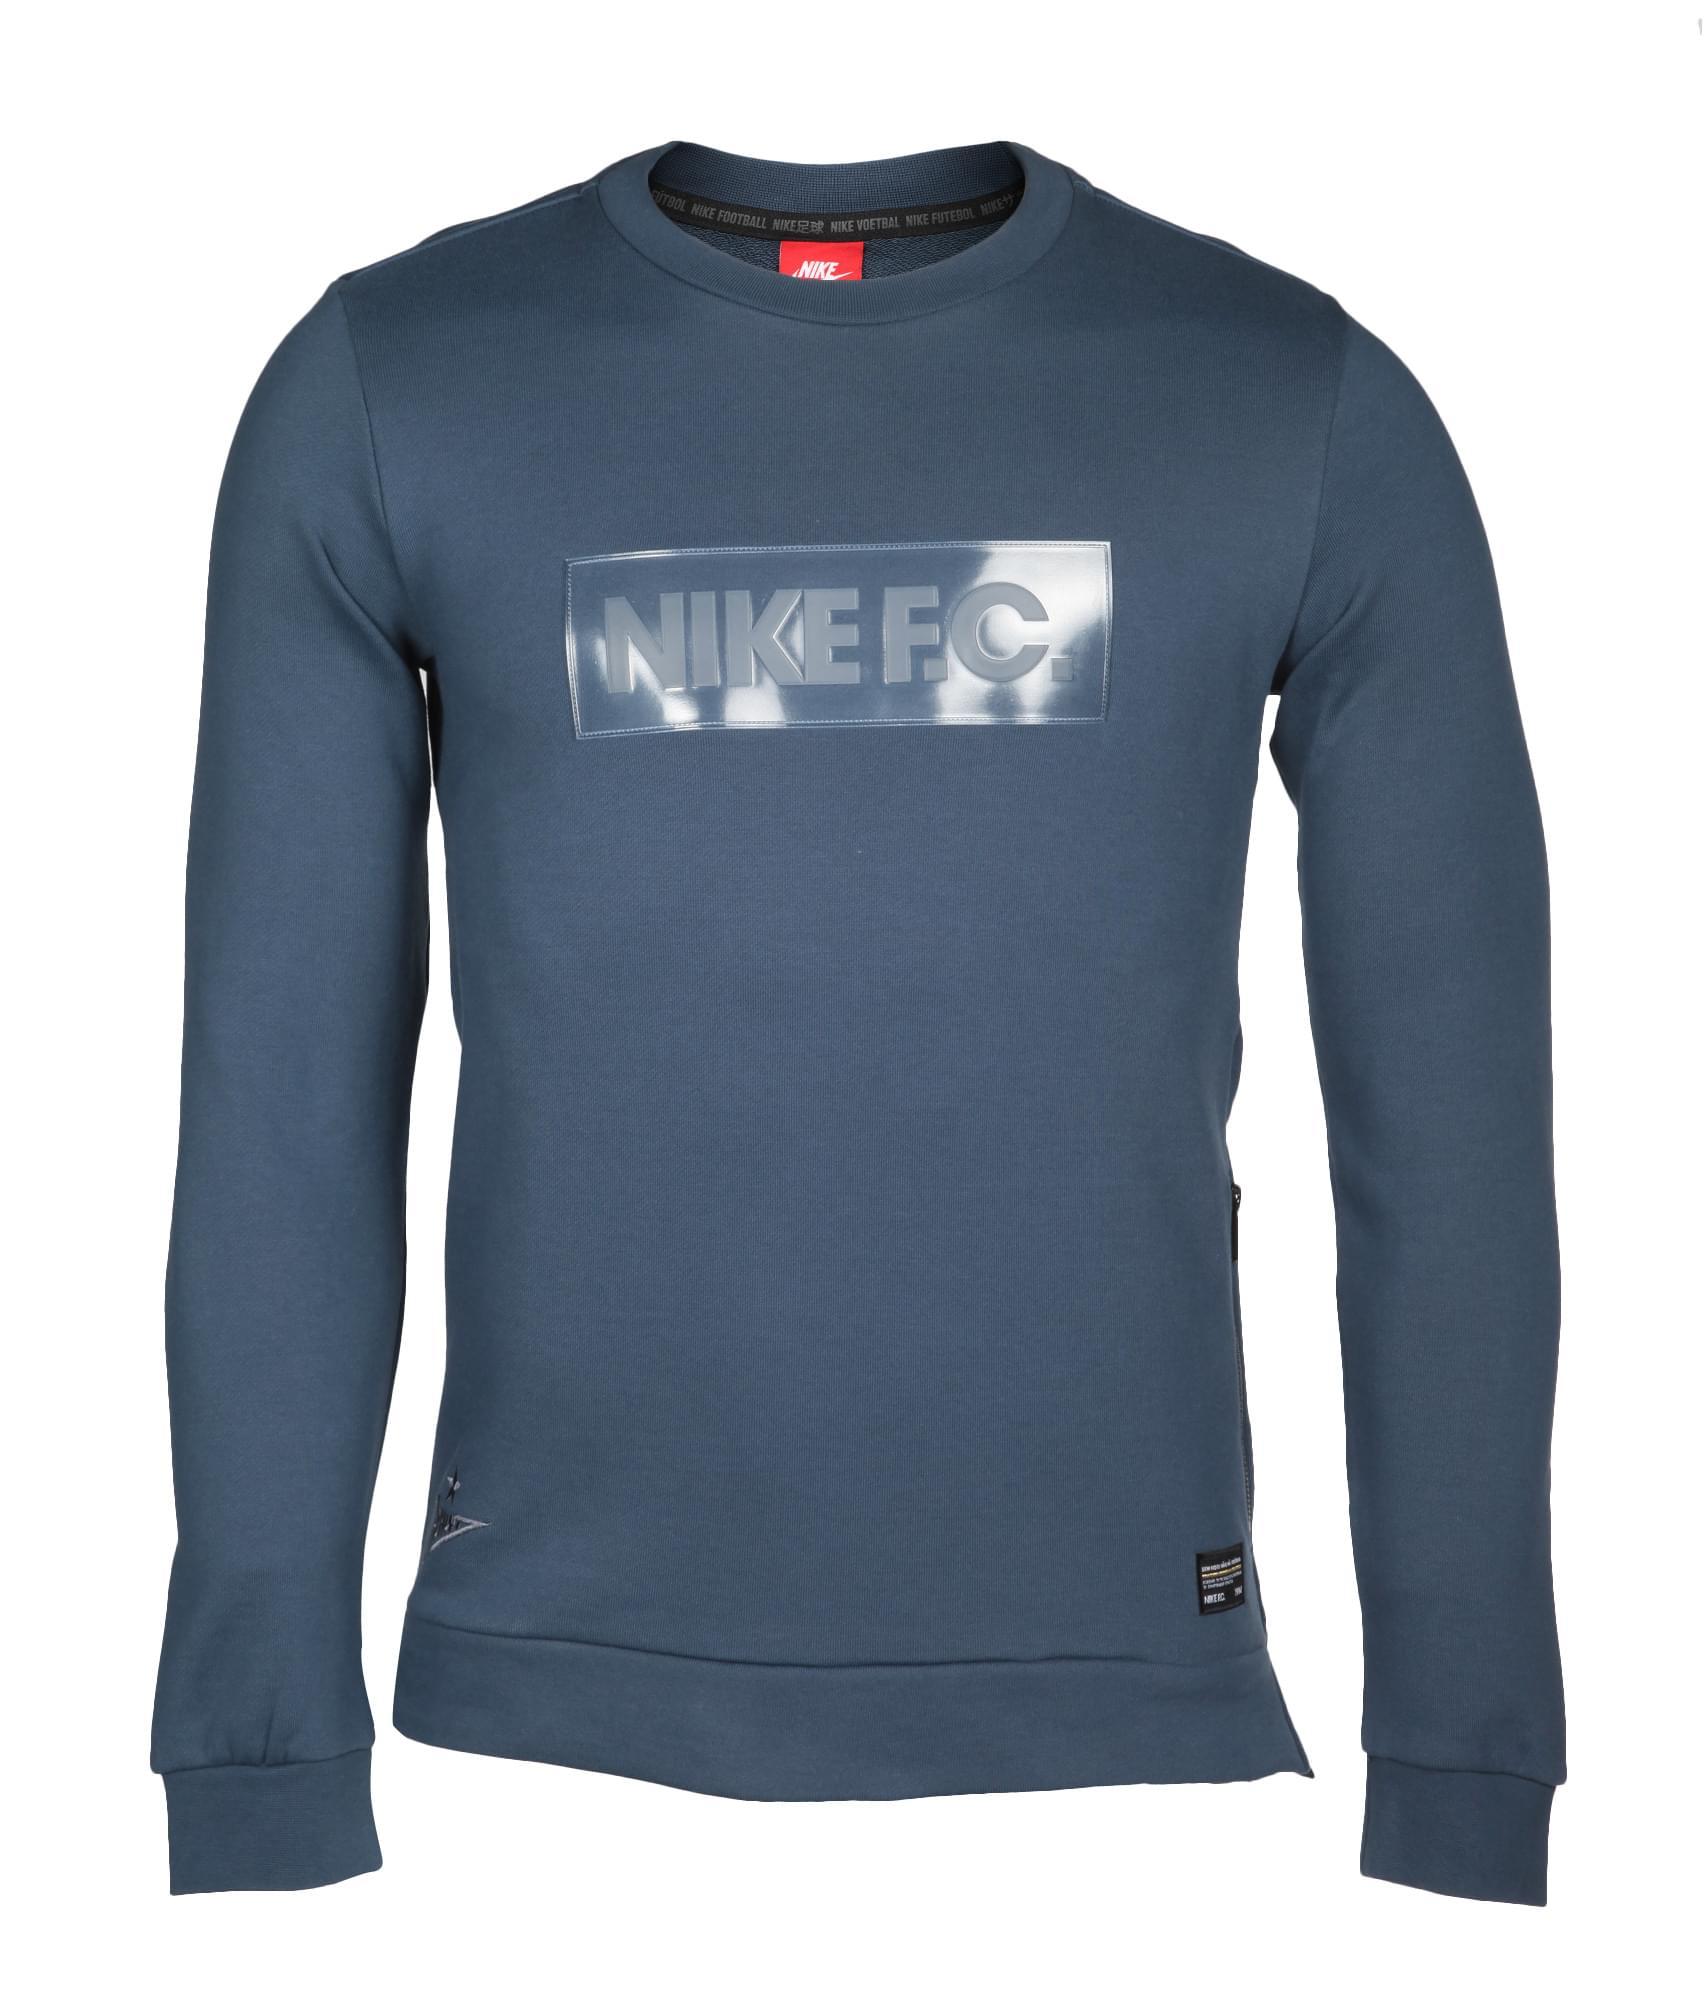 Джемпер Nike, Цвет-Синий, Размер-XL спортивные лифчики найк